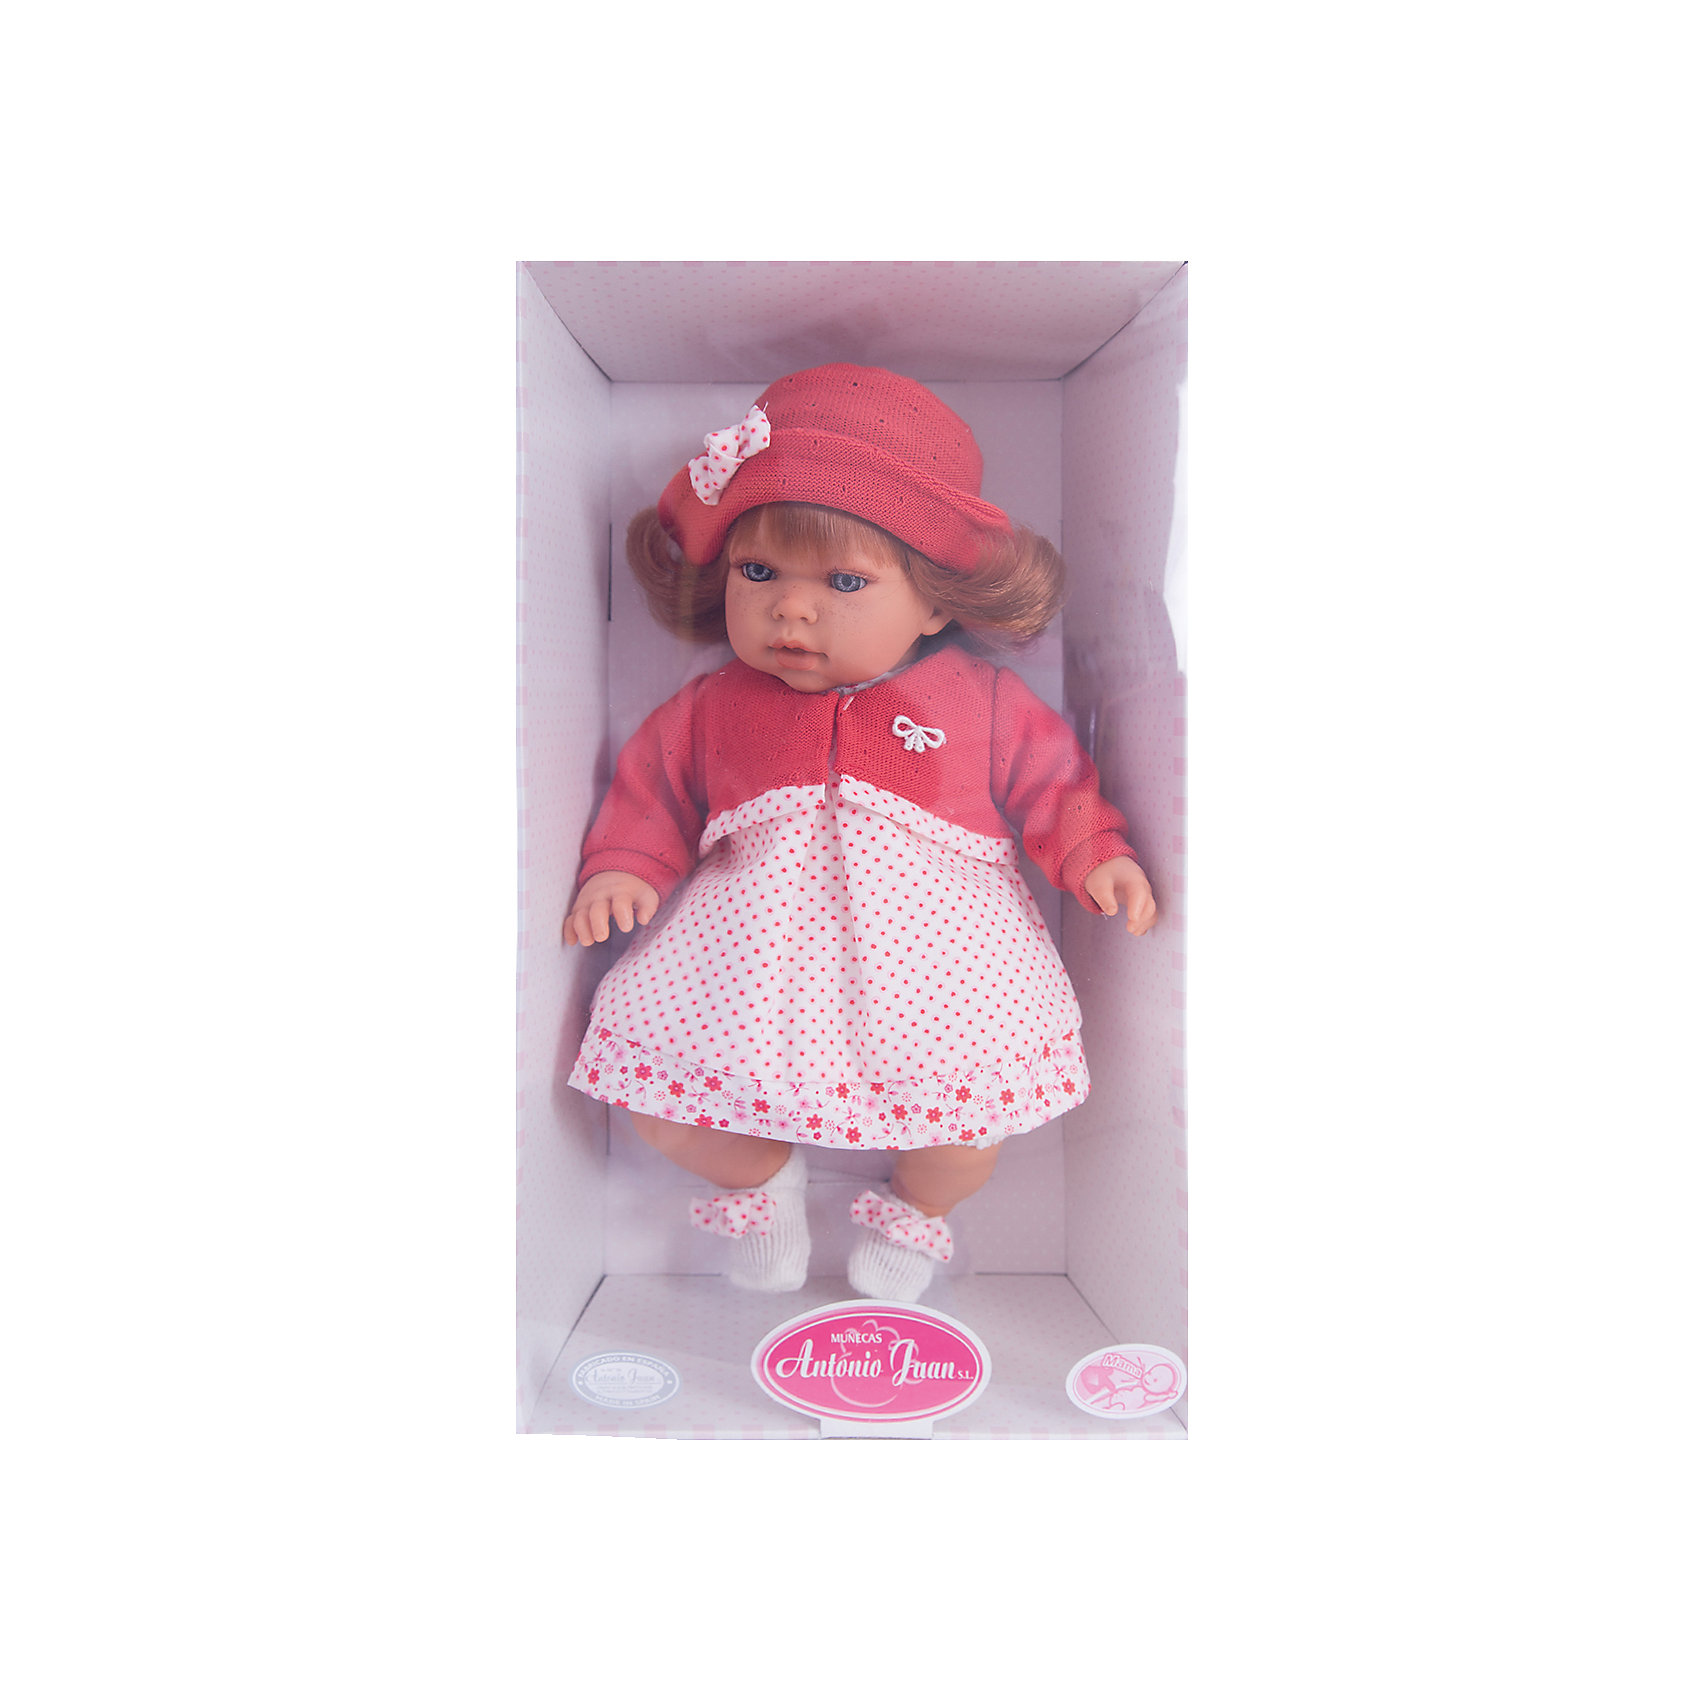 Кукла Памела в красном, 37 см, Munecas Antonio JuanИнтерактивные куклы<br>Очаровательная малышка Памела, Munecas Antonio Juan (Мунекас Антонио Хуан), покорит не только детей но даже их родителей. Куколка выглядит как настоящая маленькая девочка, а ее трогательный внешний вид вызывает только самые положительные и добрые эмоции. Все куклы Антонио Мунекас производятся в Испании в маленьком городе Аликанте и отличаются высоким качеством и потрясающим сходством с настоящими младенцами. В коллекции представлены куклы разных возрастов, как новорожденных так и детей постарше. Все детали тщательно проработаны, пропорции идентичны строению маленького ребенка. В создании кукол и одежды для них принимали участие известные европейские дизайнеры, поэтому каждая куколка имеет свой неповторимый индивидуальный образ и чудесный модный наряд, сшитый вручную.<br><br>У куклы Памелы милое детское личико и мягкие рыжие волосы, за которыми приятно ухаживать и причесывать. Искусно выполненные детали, такие как складочки на ручках и ножках, пушистые ресницы, пухлые щечки, придают игрушке трогательный и реалистичный вид. Туловище куклы мягконабивное и маленькая хозяйка будет с удовольствием обнимать и тискать ее. Если нажать кукле на животик один раз - она засмеется, второй раз - скажет мама, третий раз - скажет папа. У Памелы подвижные голова, ручки и ножки, изготовленные из высококачественного эластичного винила, глазки не закрываются. Куколка одета в симпатичное красное платьице в горошек, красную кофточку и модную красную шляпку с бантиком, на ножах белые носочки. Эта чудесная милая куколка станет любимицей Вашей девочки и будет развивать в ней доброту, внимание и заботу.<br><br>Дополнительная информация:<br><br>- Материал: текстиль, винил.<br>- Требуются батарейки: 3 х АА (входят в комплект).<br>- Высота куклы: 37 см.<br>- Размер упаковки: 11,5 х 25 х 44 см.<br>- Вес: 1,32 кг.<br><br>Куклу Памела в красном, Munecas Antonio Juan (Мунекас Антонио Хуан), можно купить в нашем интернет-магази